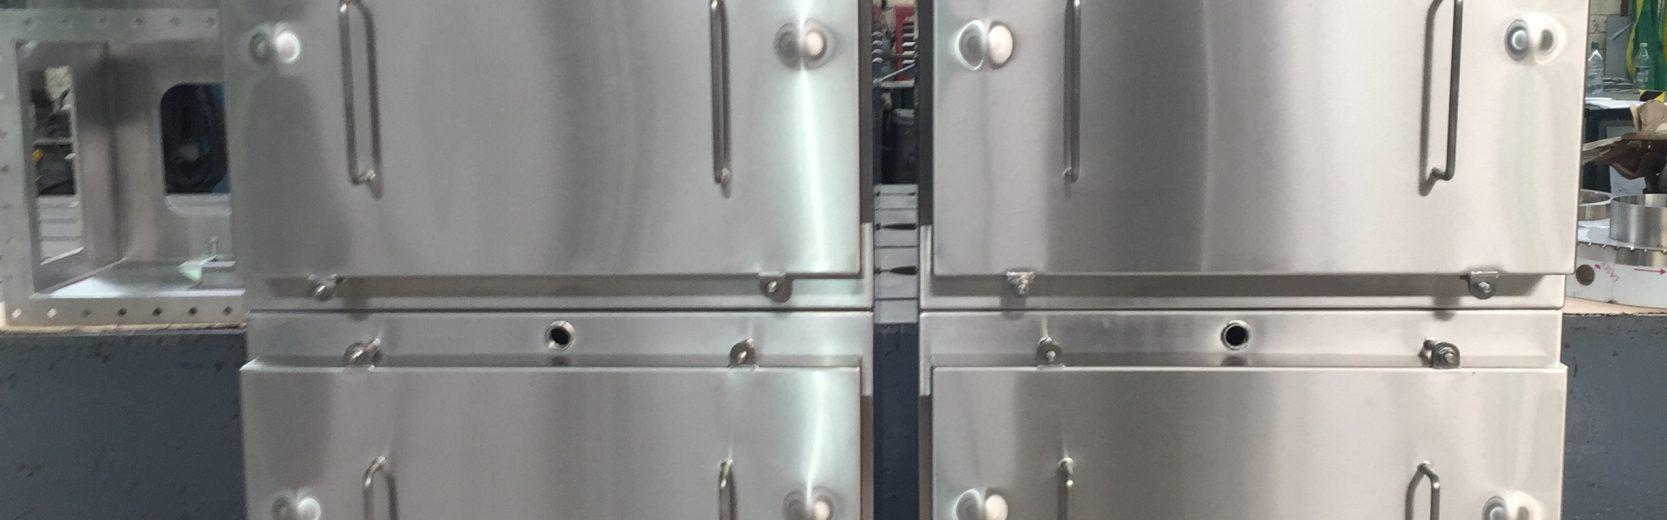 isolator polishing